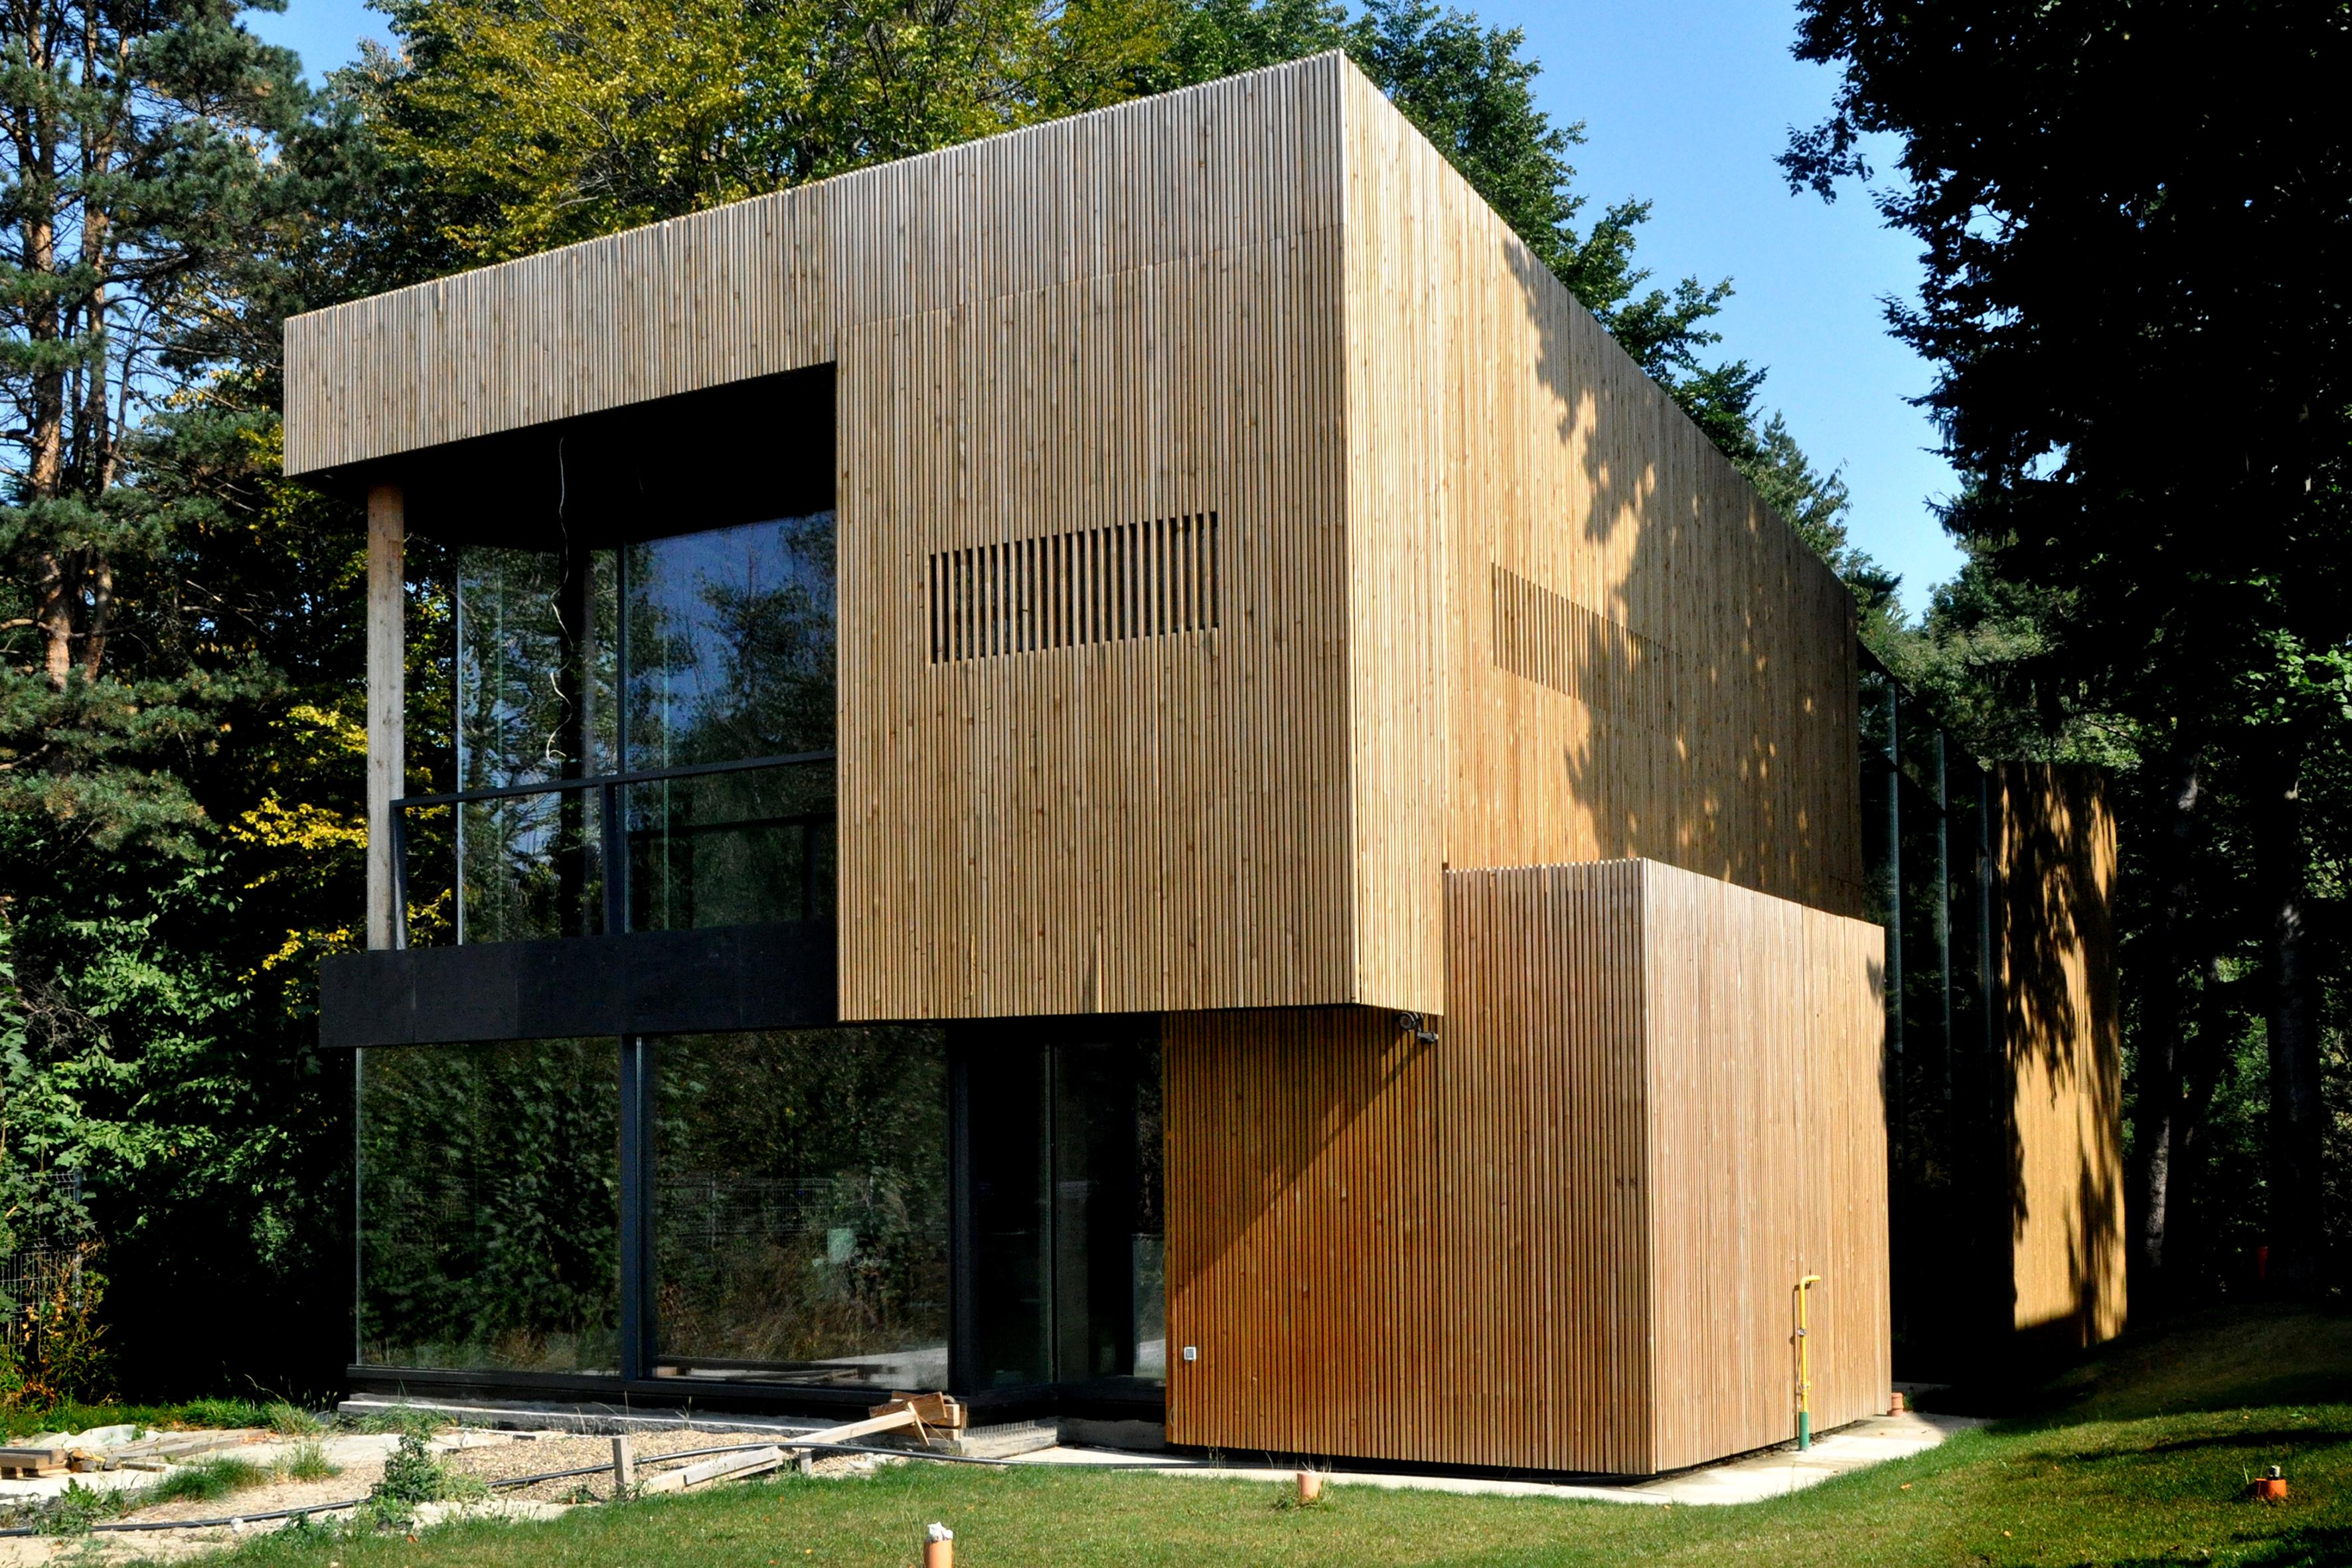 """Proiectul """"CHE casa in standard pasiv"""" premiat la Anuala de Arhitectura prezentat la RIFF - Proiectul"""